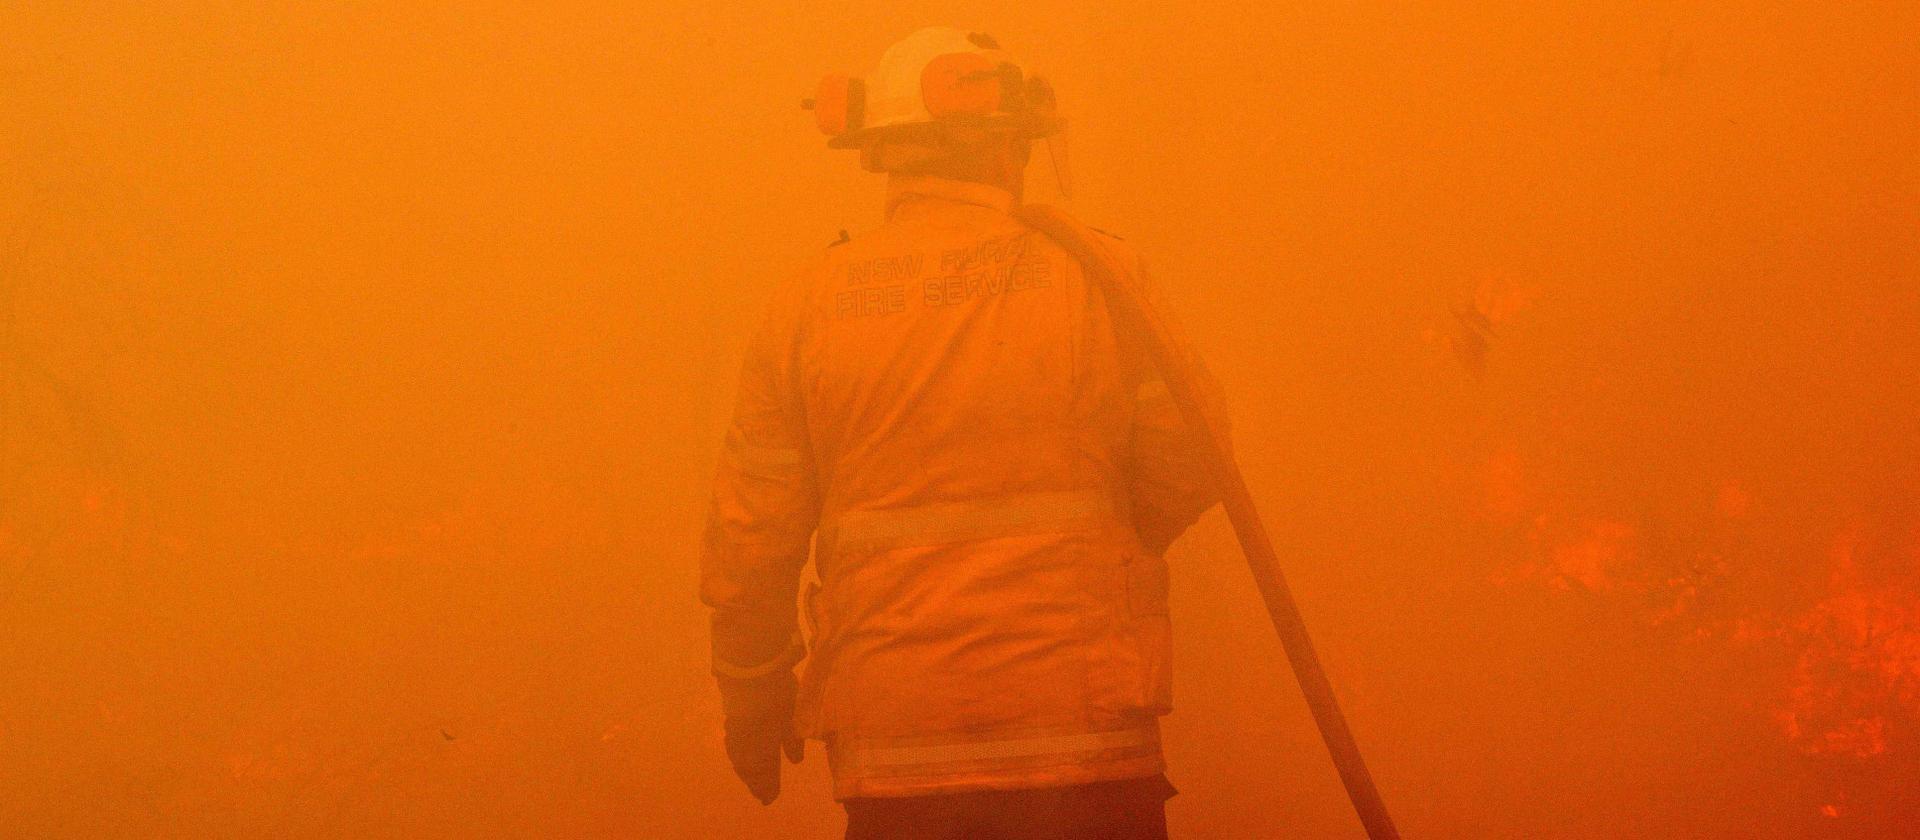 Pożary w Australii. Aplikacje pomagają walczyć z żywiołem, a laser ratować koale